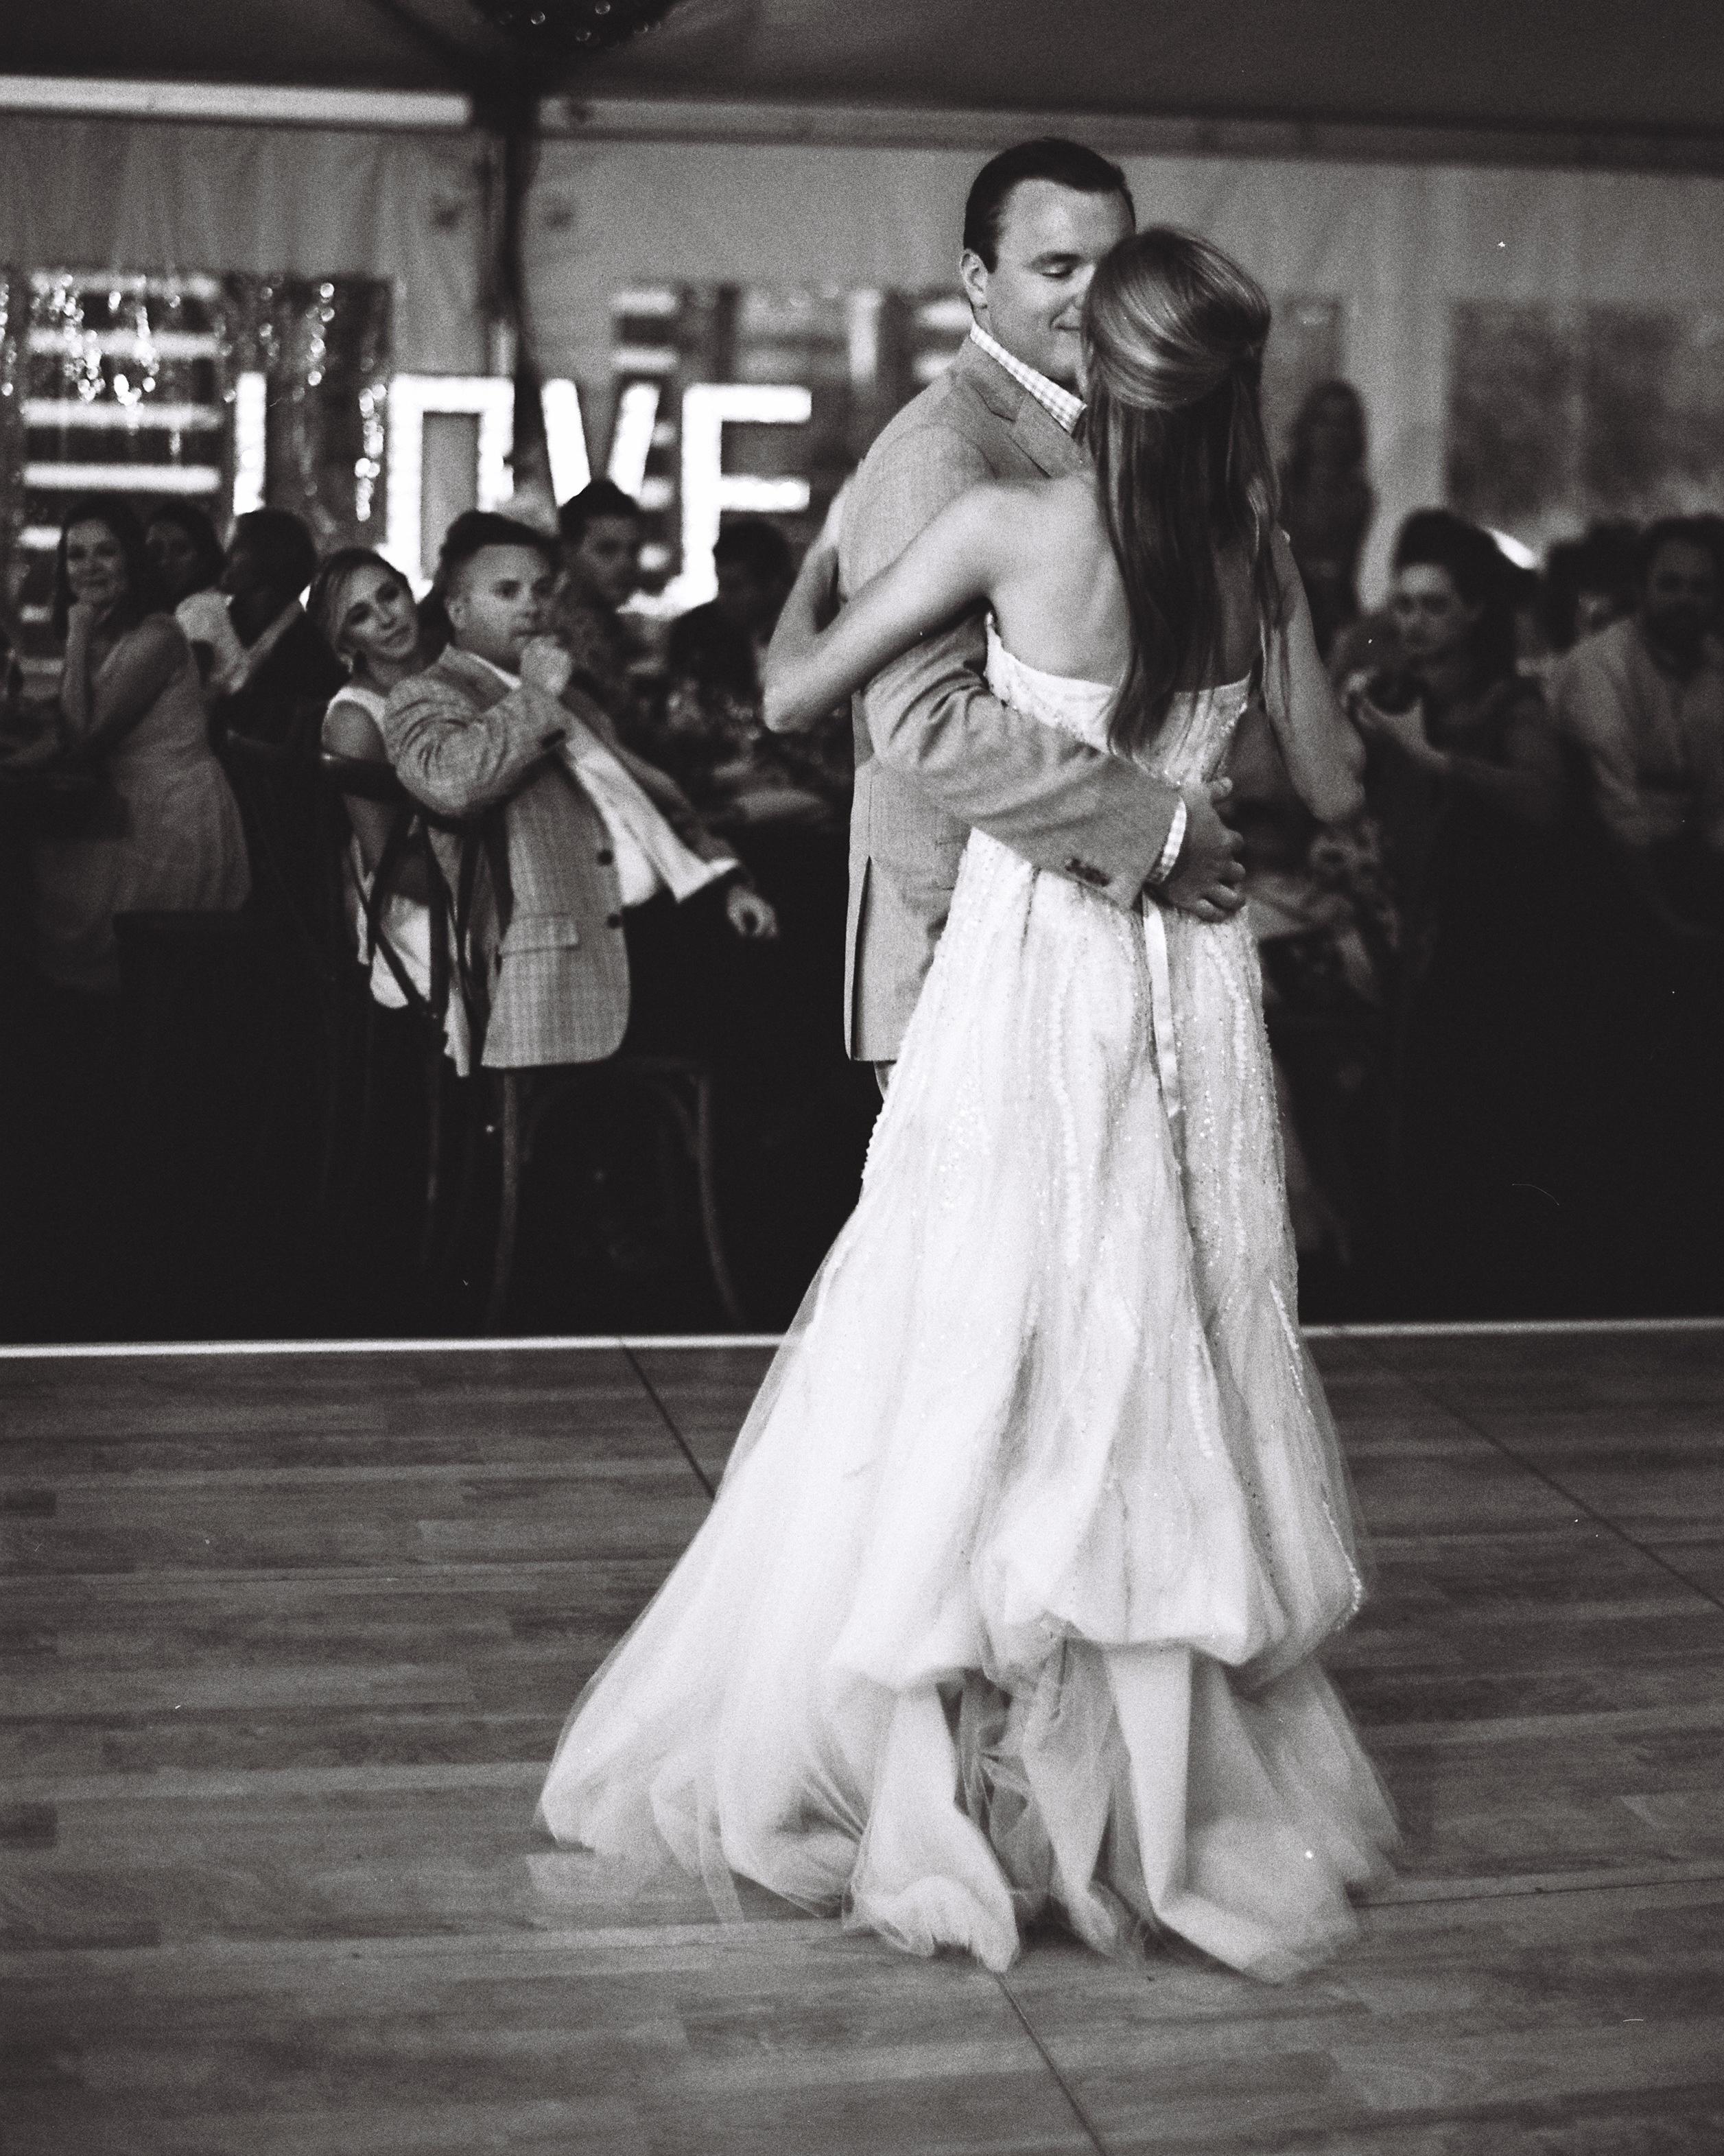 erin-jj-wedding-dance-95-s111742-0115.jpg